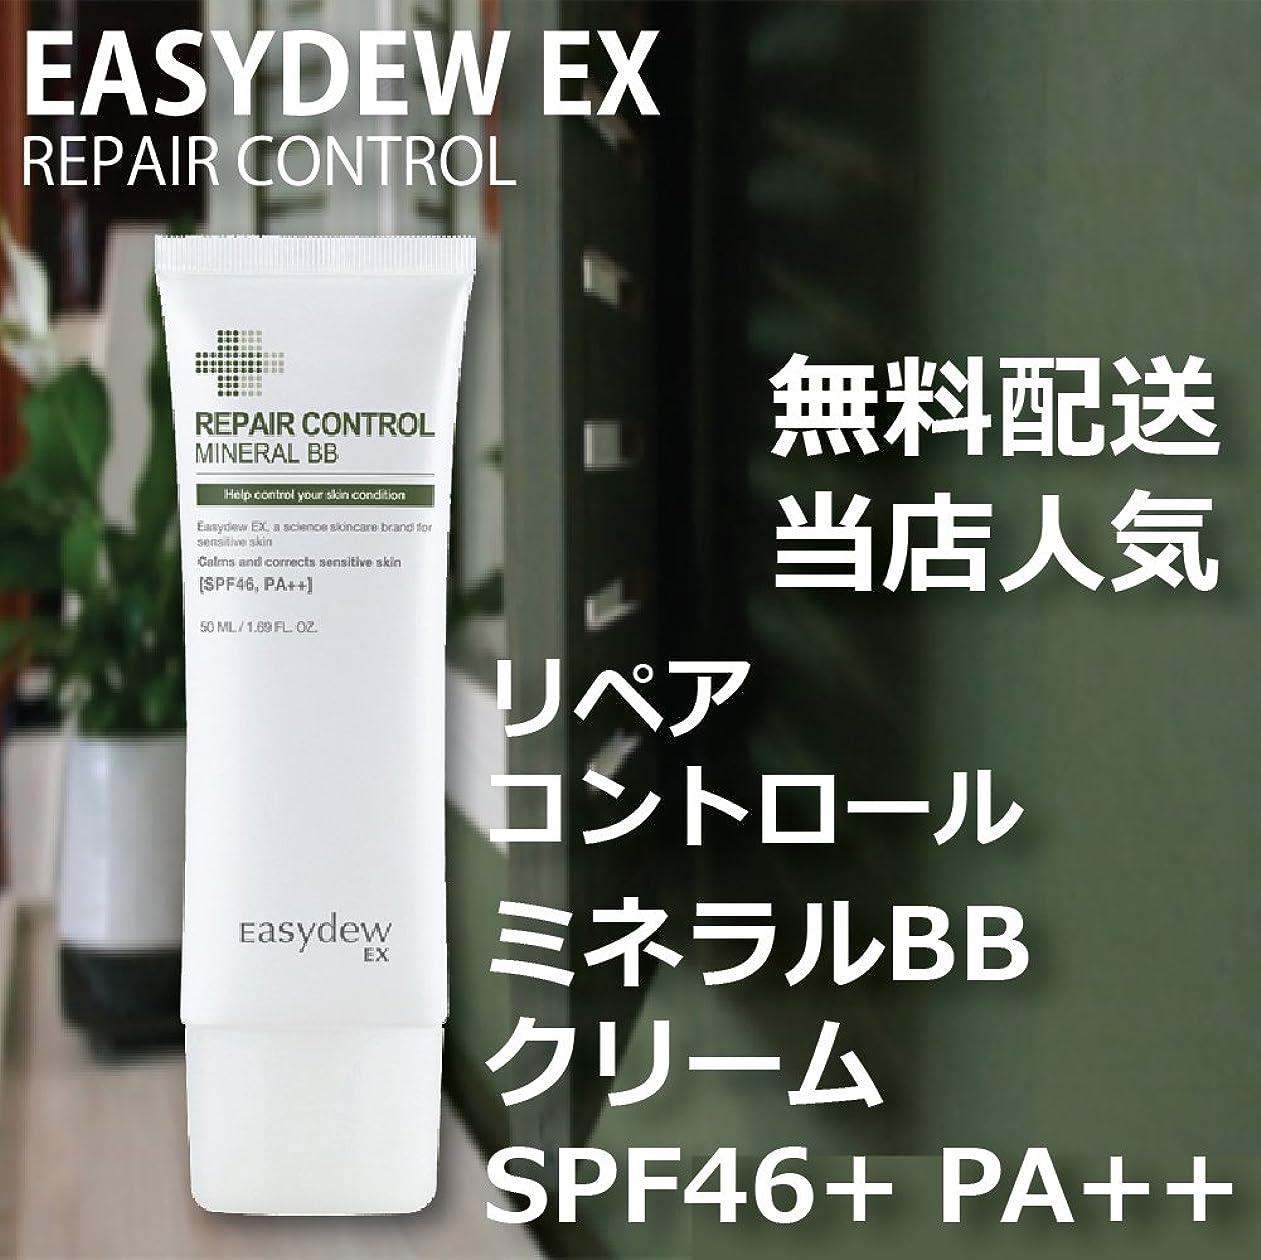 危機毒性セールスマンEASY DEW EX ミネラル BBクリーム SPF46+ PA++ 50ml MINRAL BB CREAM 韓国 人気 コスメ イージーデュー 敏感 乾燥 美白 しわ 3重機能性